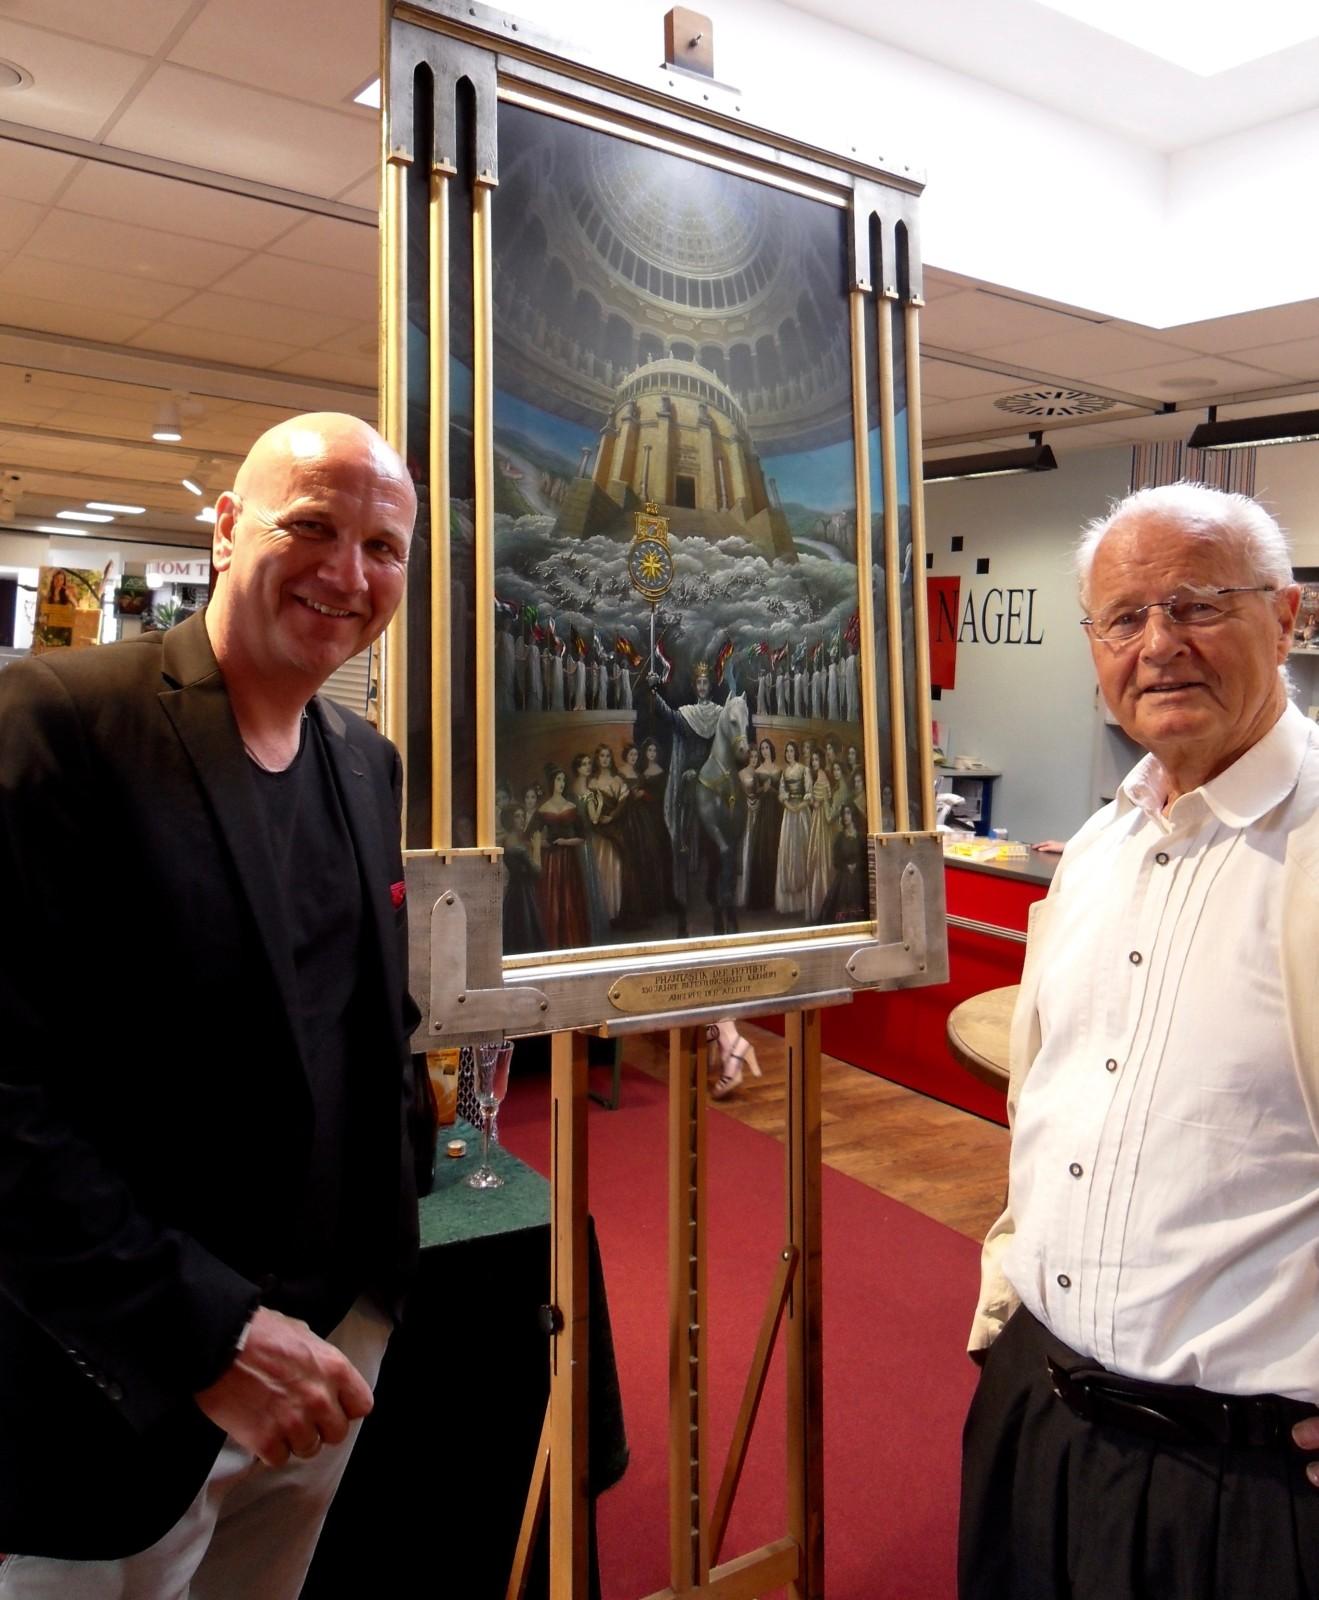 """Dr. Uwe Brand und Angerer der Ältere vor dem Gemälde """"Phantastik der Freiheit"""" (gemalt zum 150-jährigen Jubiläum der Befreiungshalle) kurz vor der Autorenlesung."""